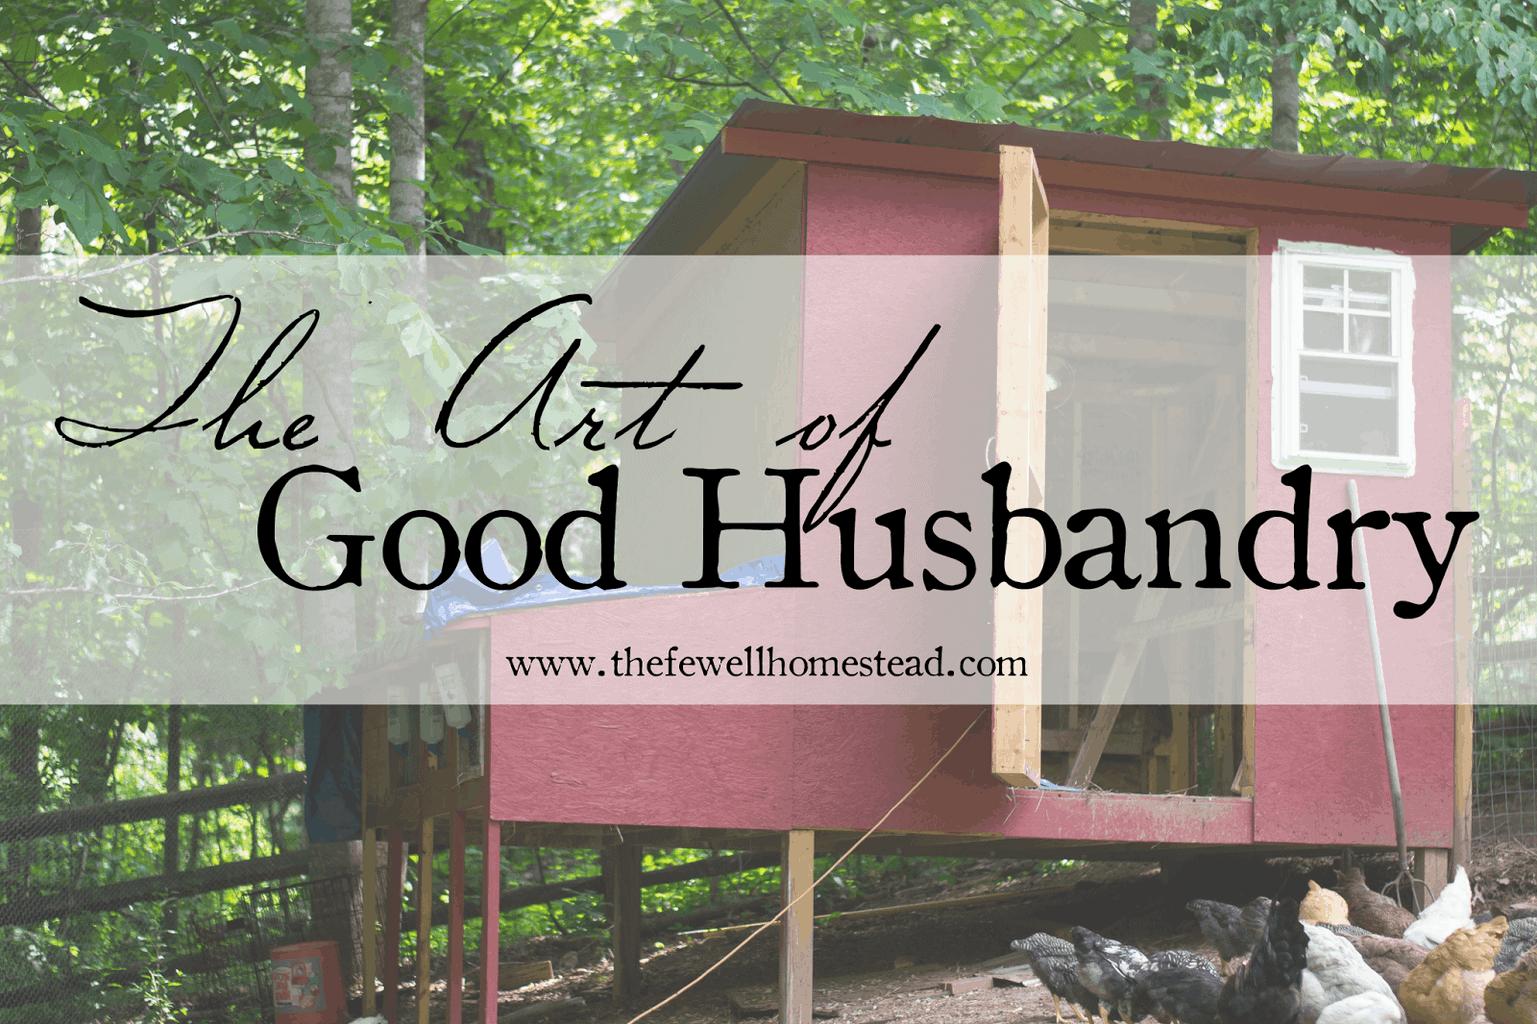 The Art of Good Husbandry